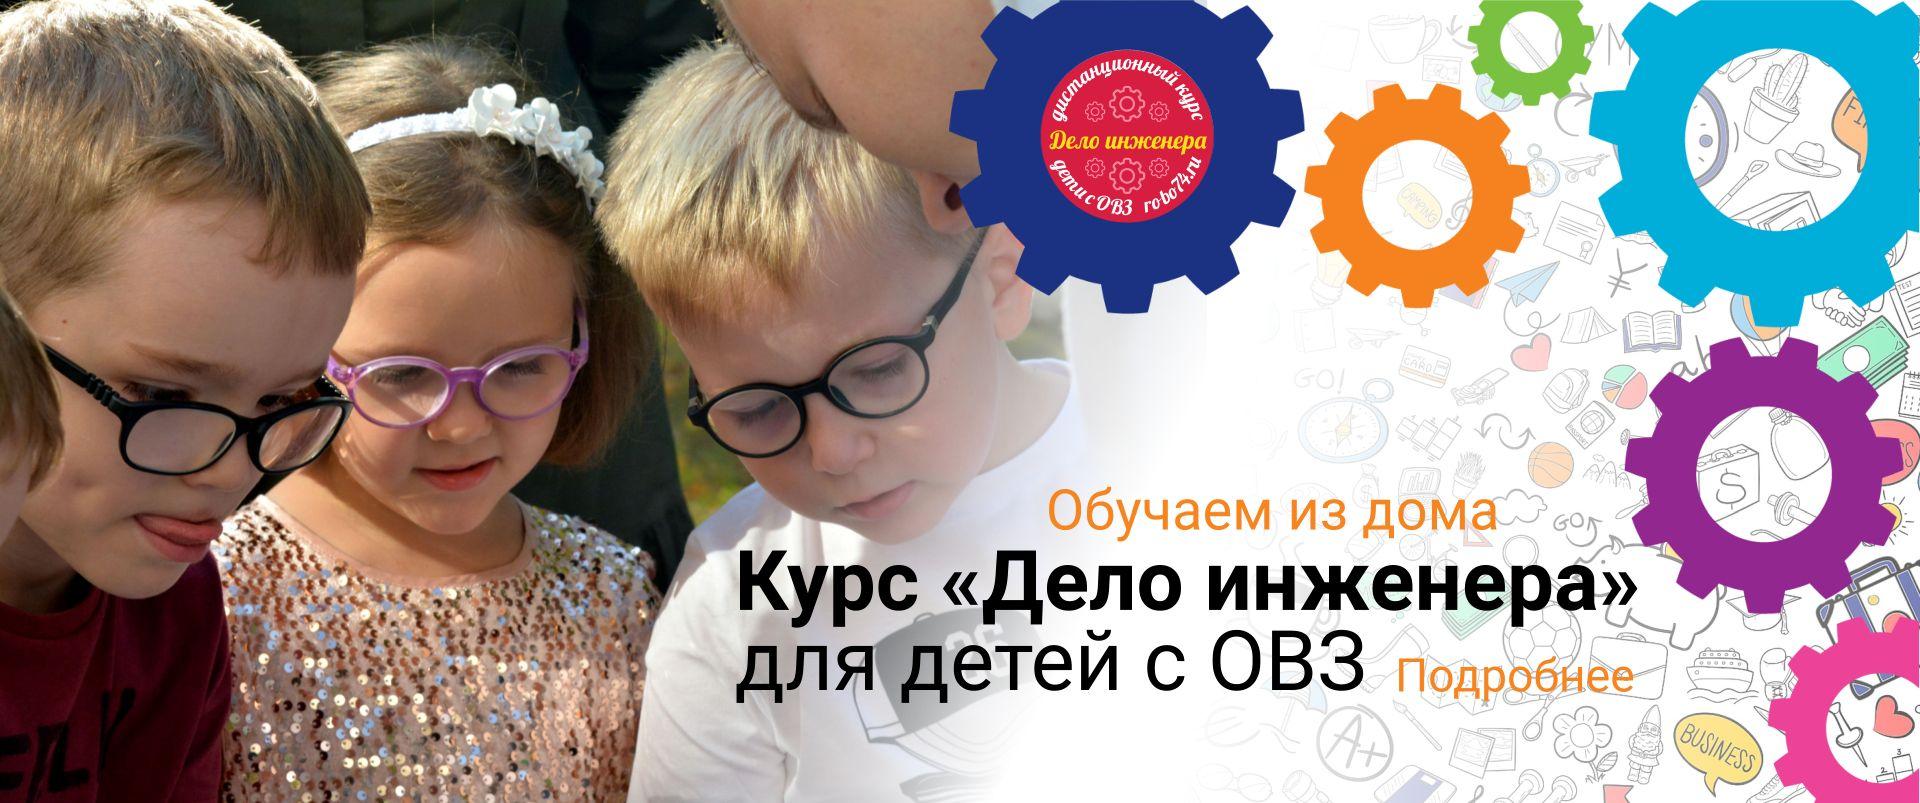 Дистанционный курс технической направленности для детей с ОВЗ «Дело инженера»